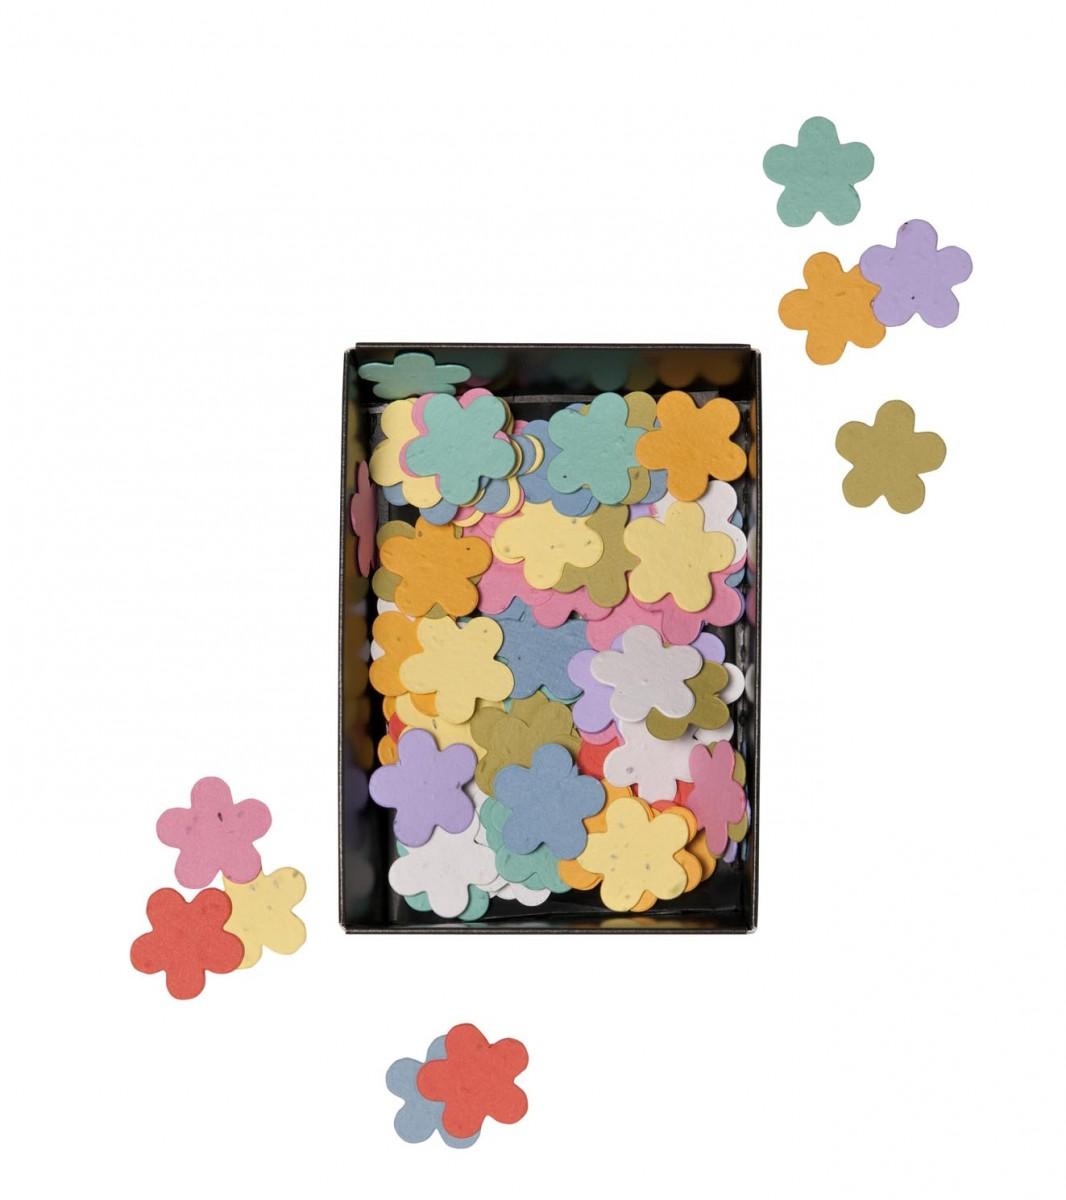 Plantenkamer-niko-niko-confetti-throw-and-grow.